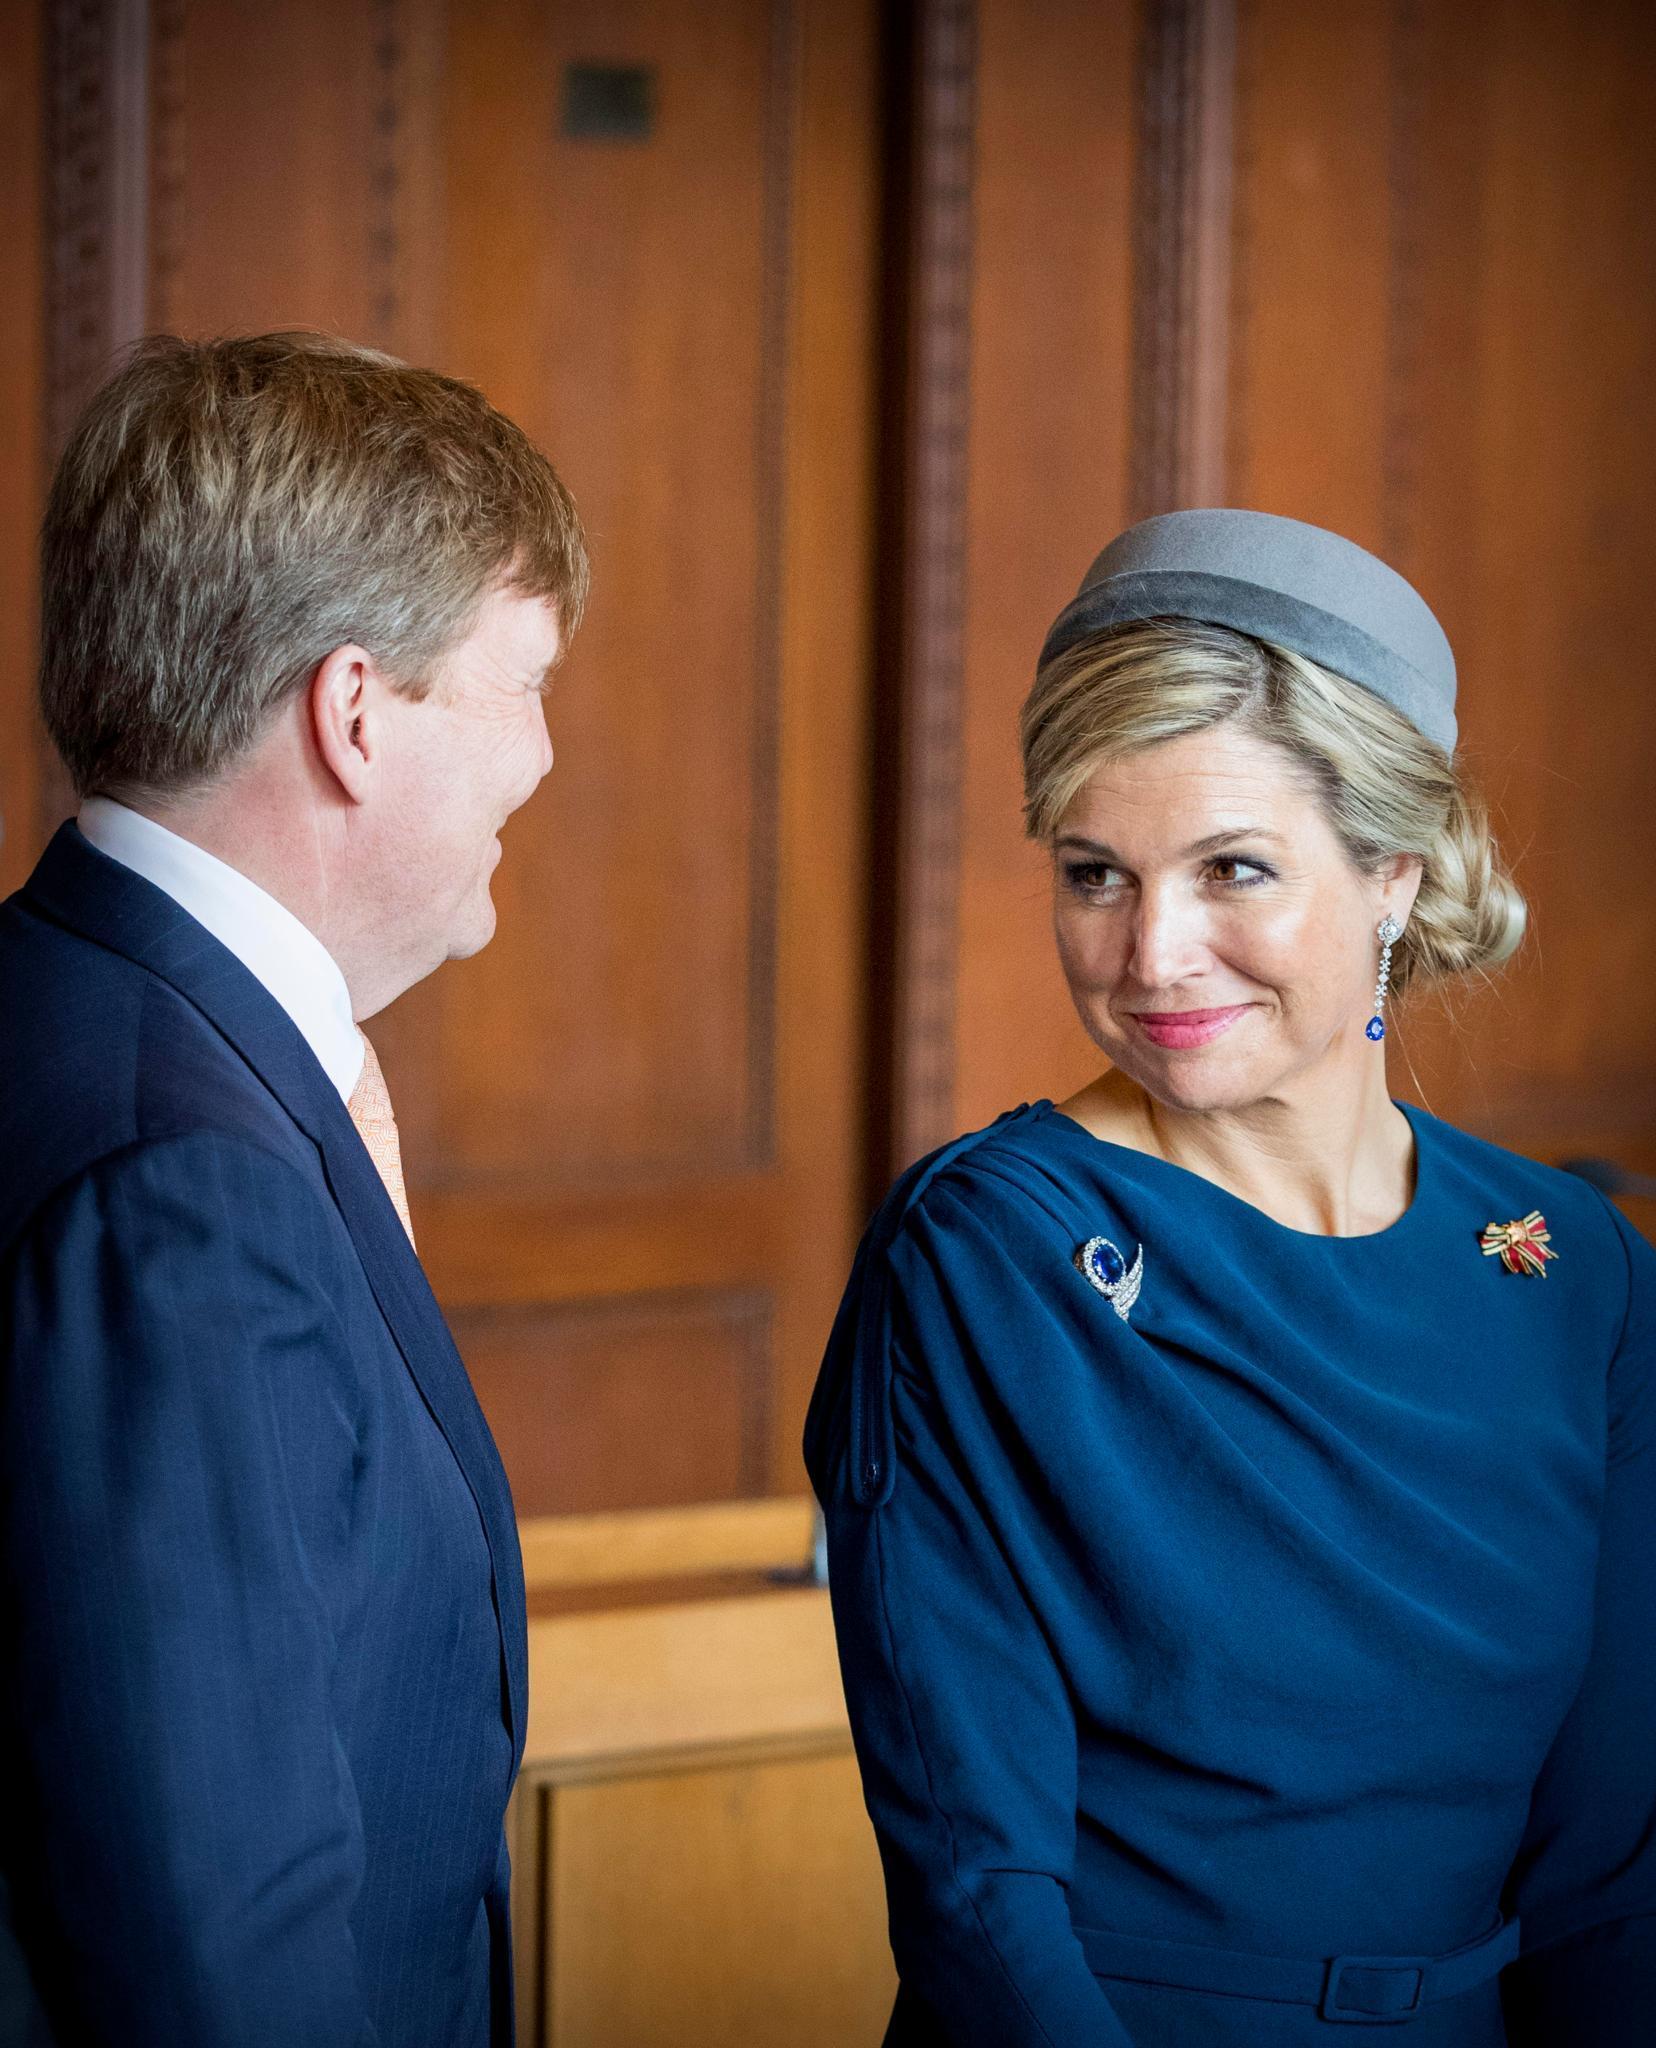 Königin Maxima wirft ihrem Ehemann König Willem-Alexander einen verschmitzten Blick zu, der durchaus als königlicher Flirt interpretiert werden kann